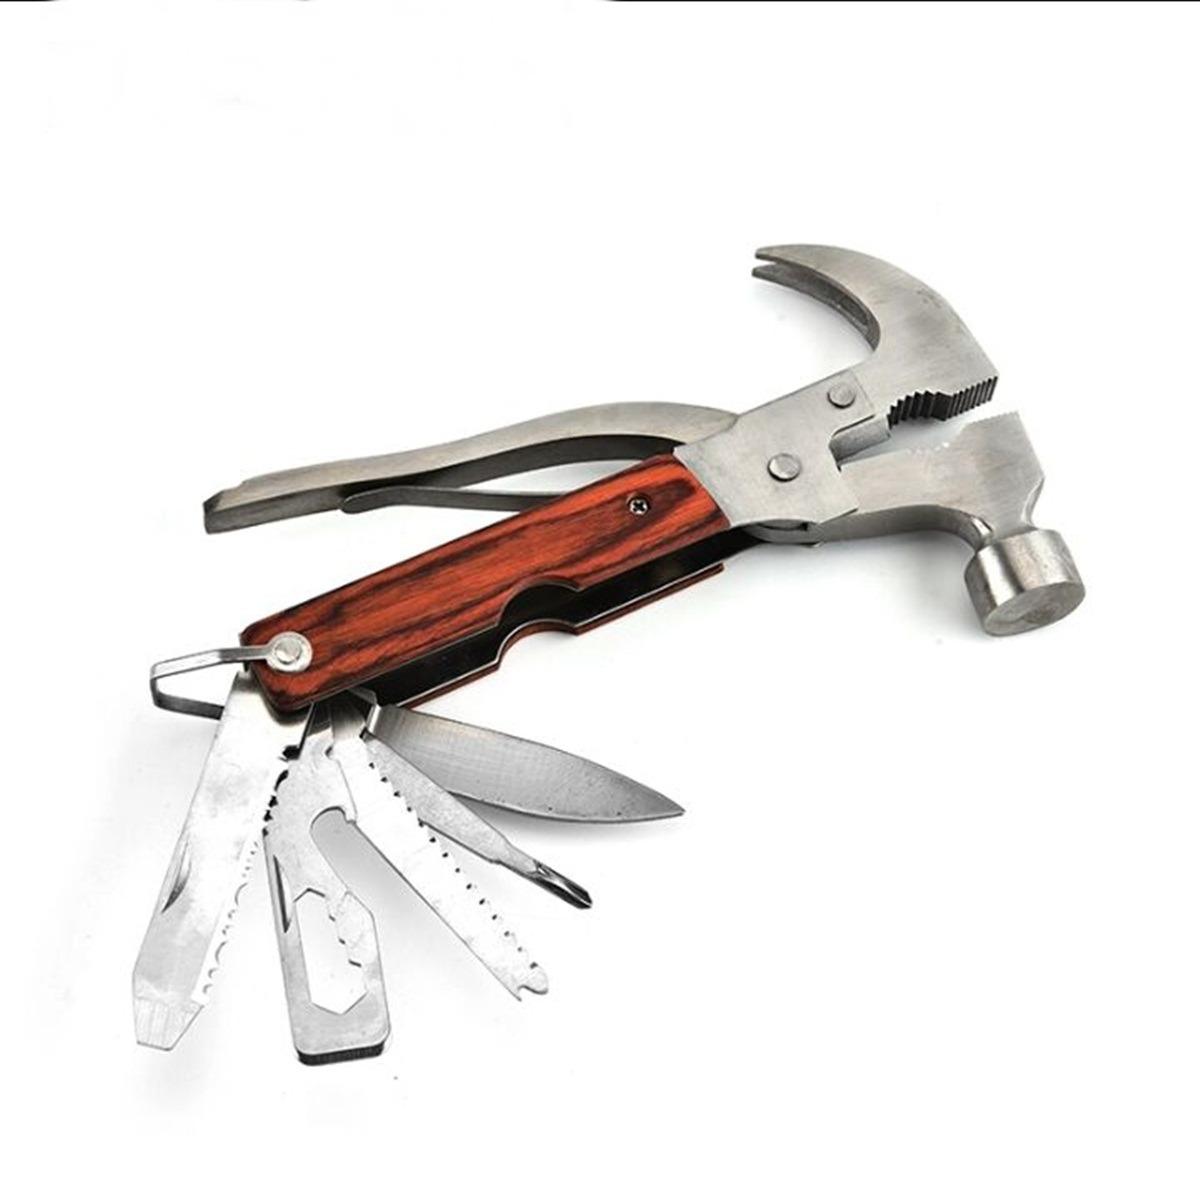 martelo de carpintaria ferramenta profissional ferramentas t r 44